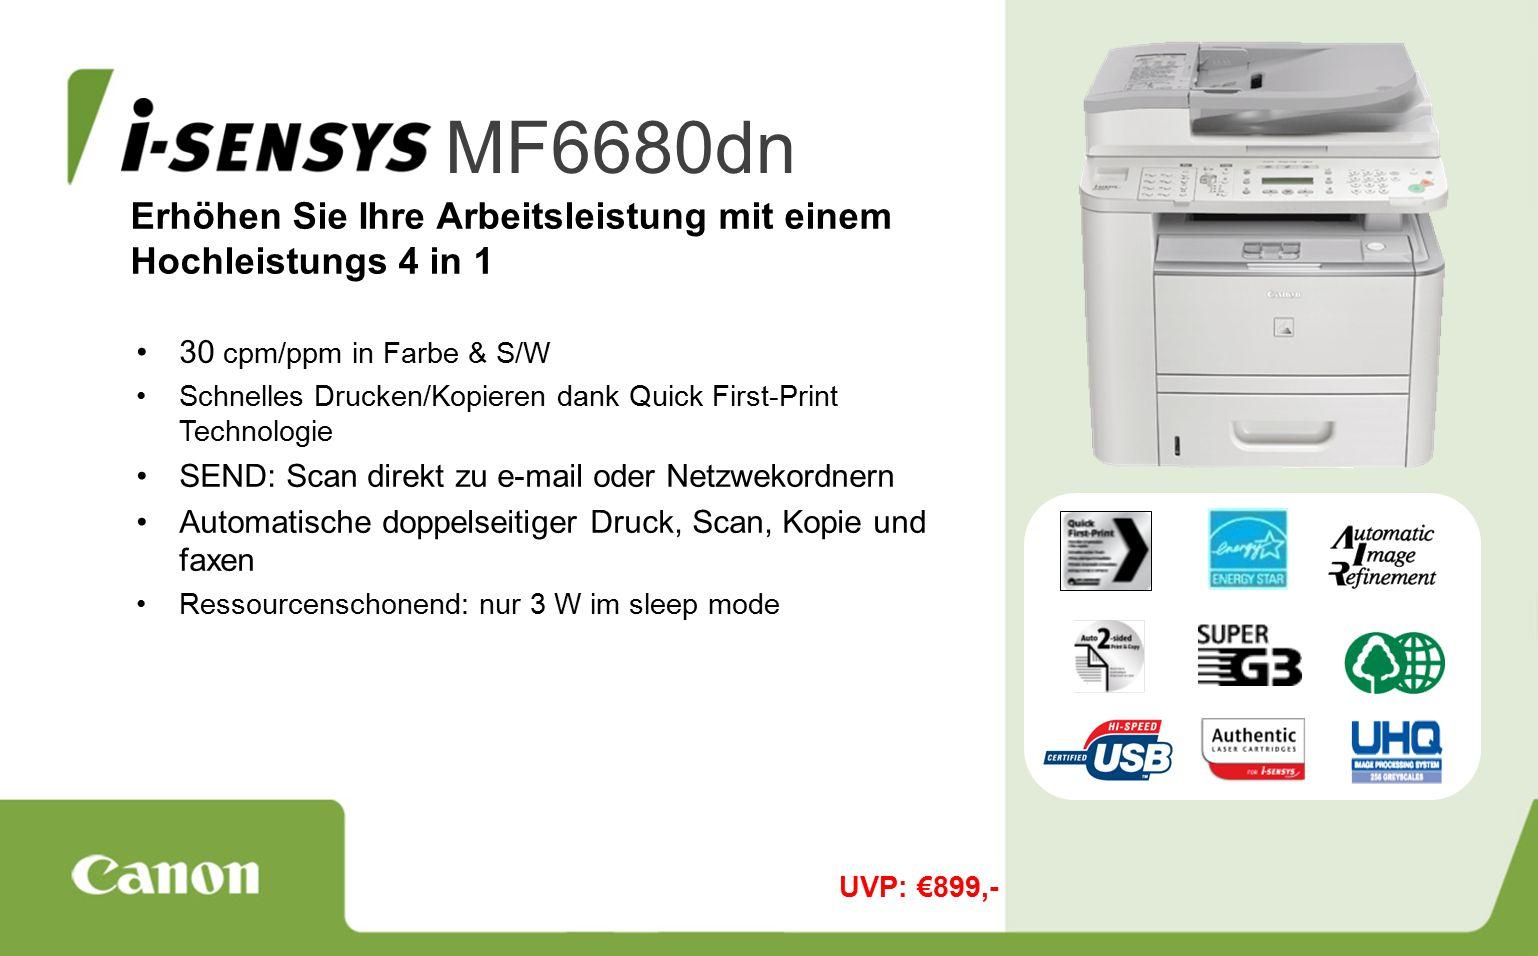 Erhöhen Sie Ihre Arbeitsleistung mit einem Hochleistungs 4 in 1 MF6680dn 30 cpm/ppm in Farbe & S/W Schnelles Drucken/Kopieren dank Quick First-Print Technologie SEND: Scan direkt zu e-mail oder Netzwekordnern Automatische doppelseitiger Druck, Scan, Kopie und faxen Ressourcenschonend: nur 3 W im sleep mode UVP: €899,-